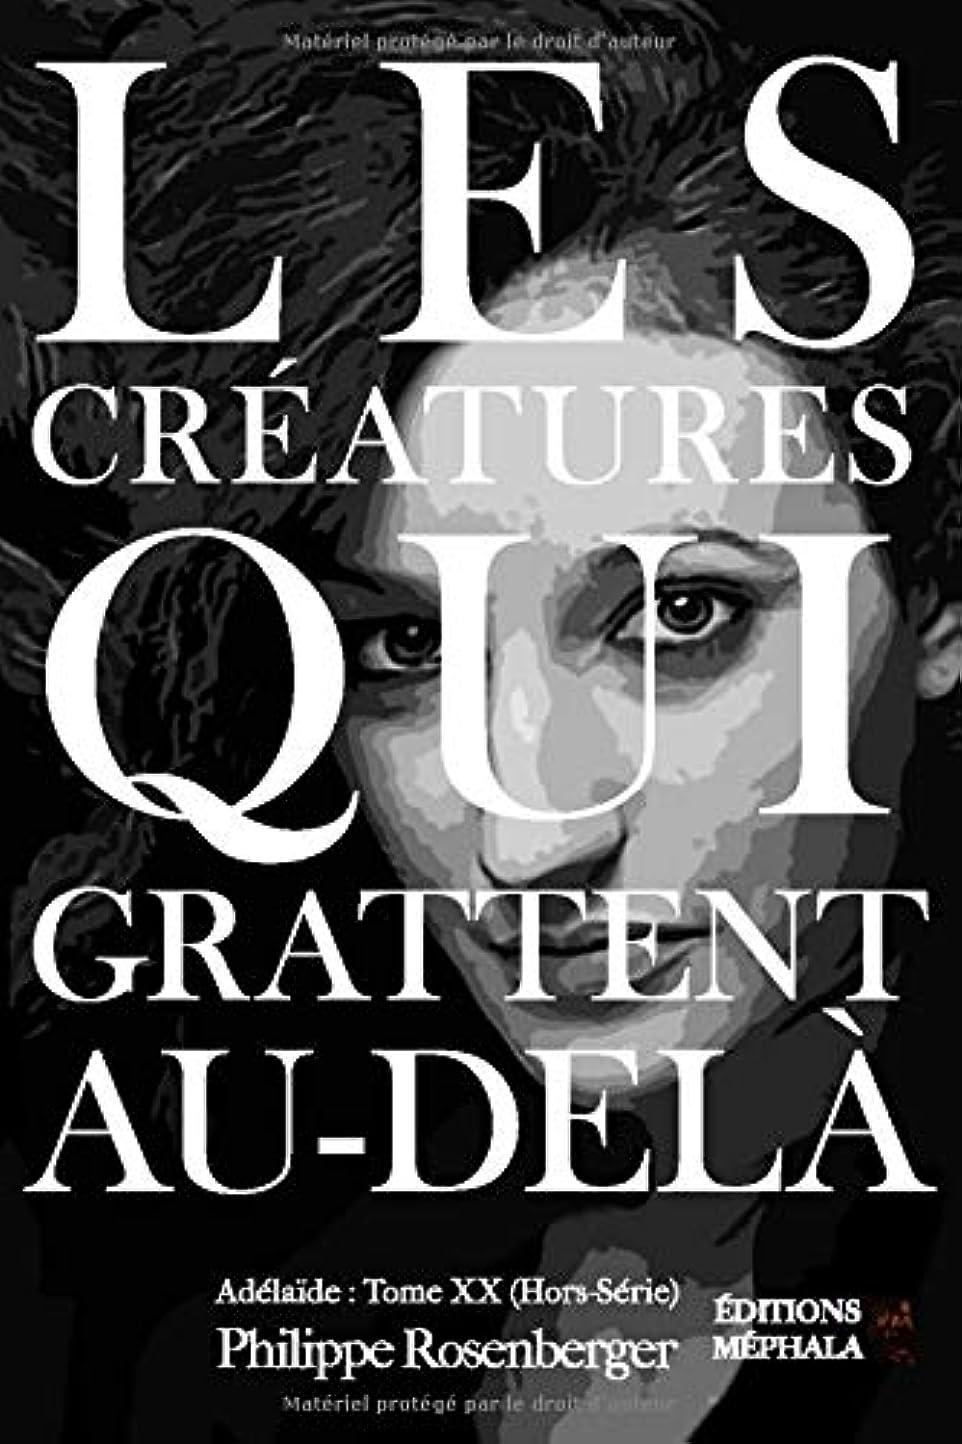 電信告発不完全なLes créatures qui grattent Au-delà: Adéla?de : Tome XX